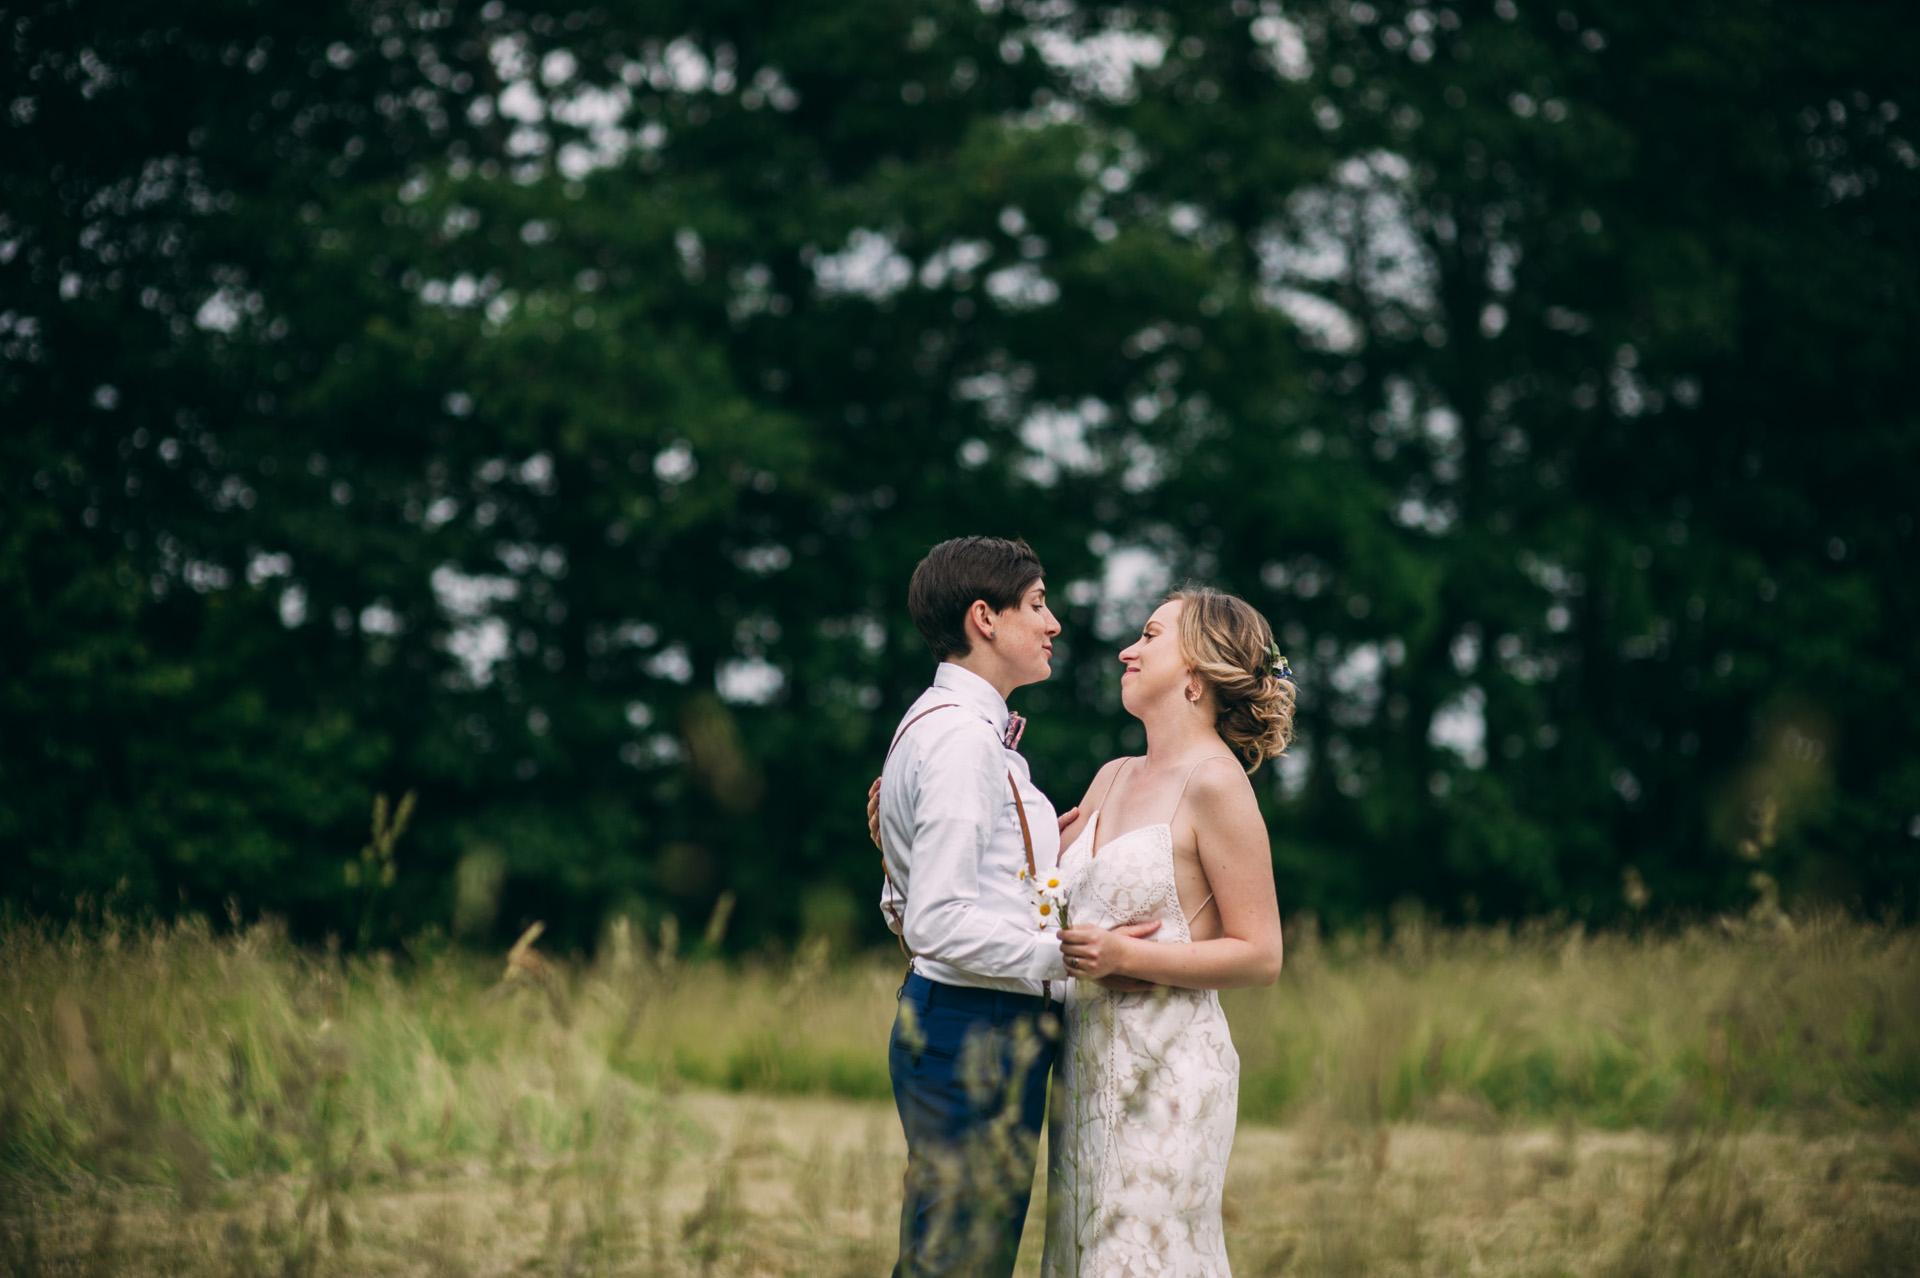 broadturn-farm-wedding-60